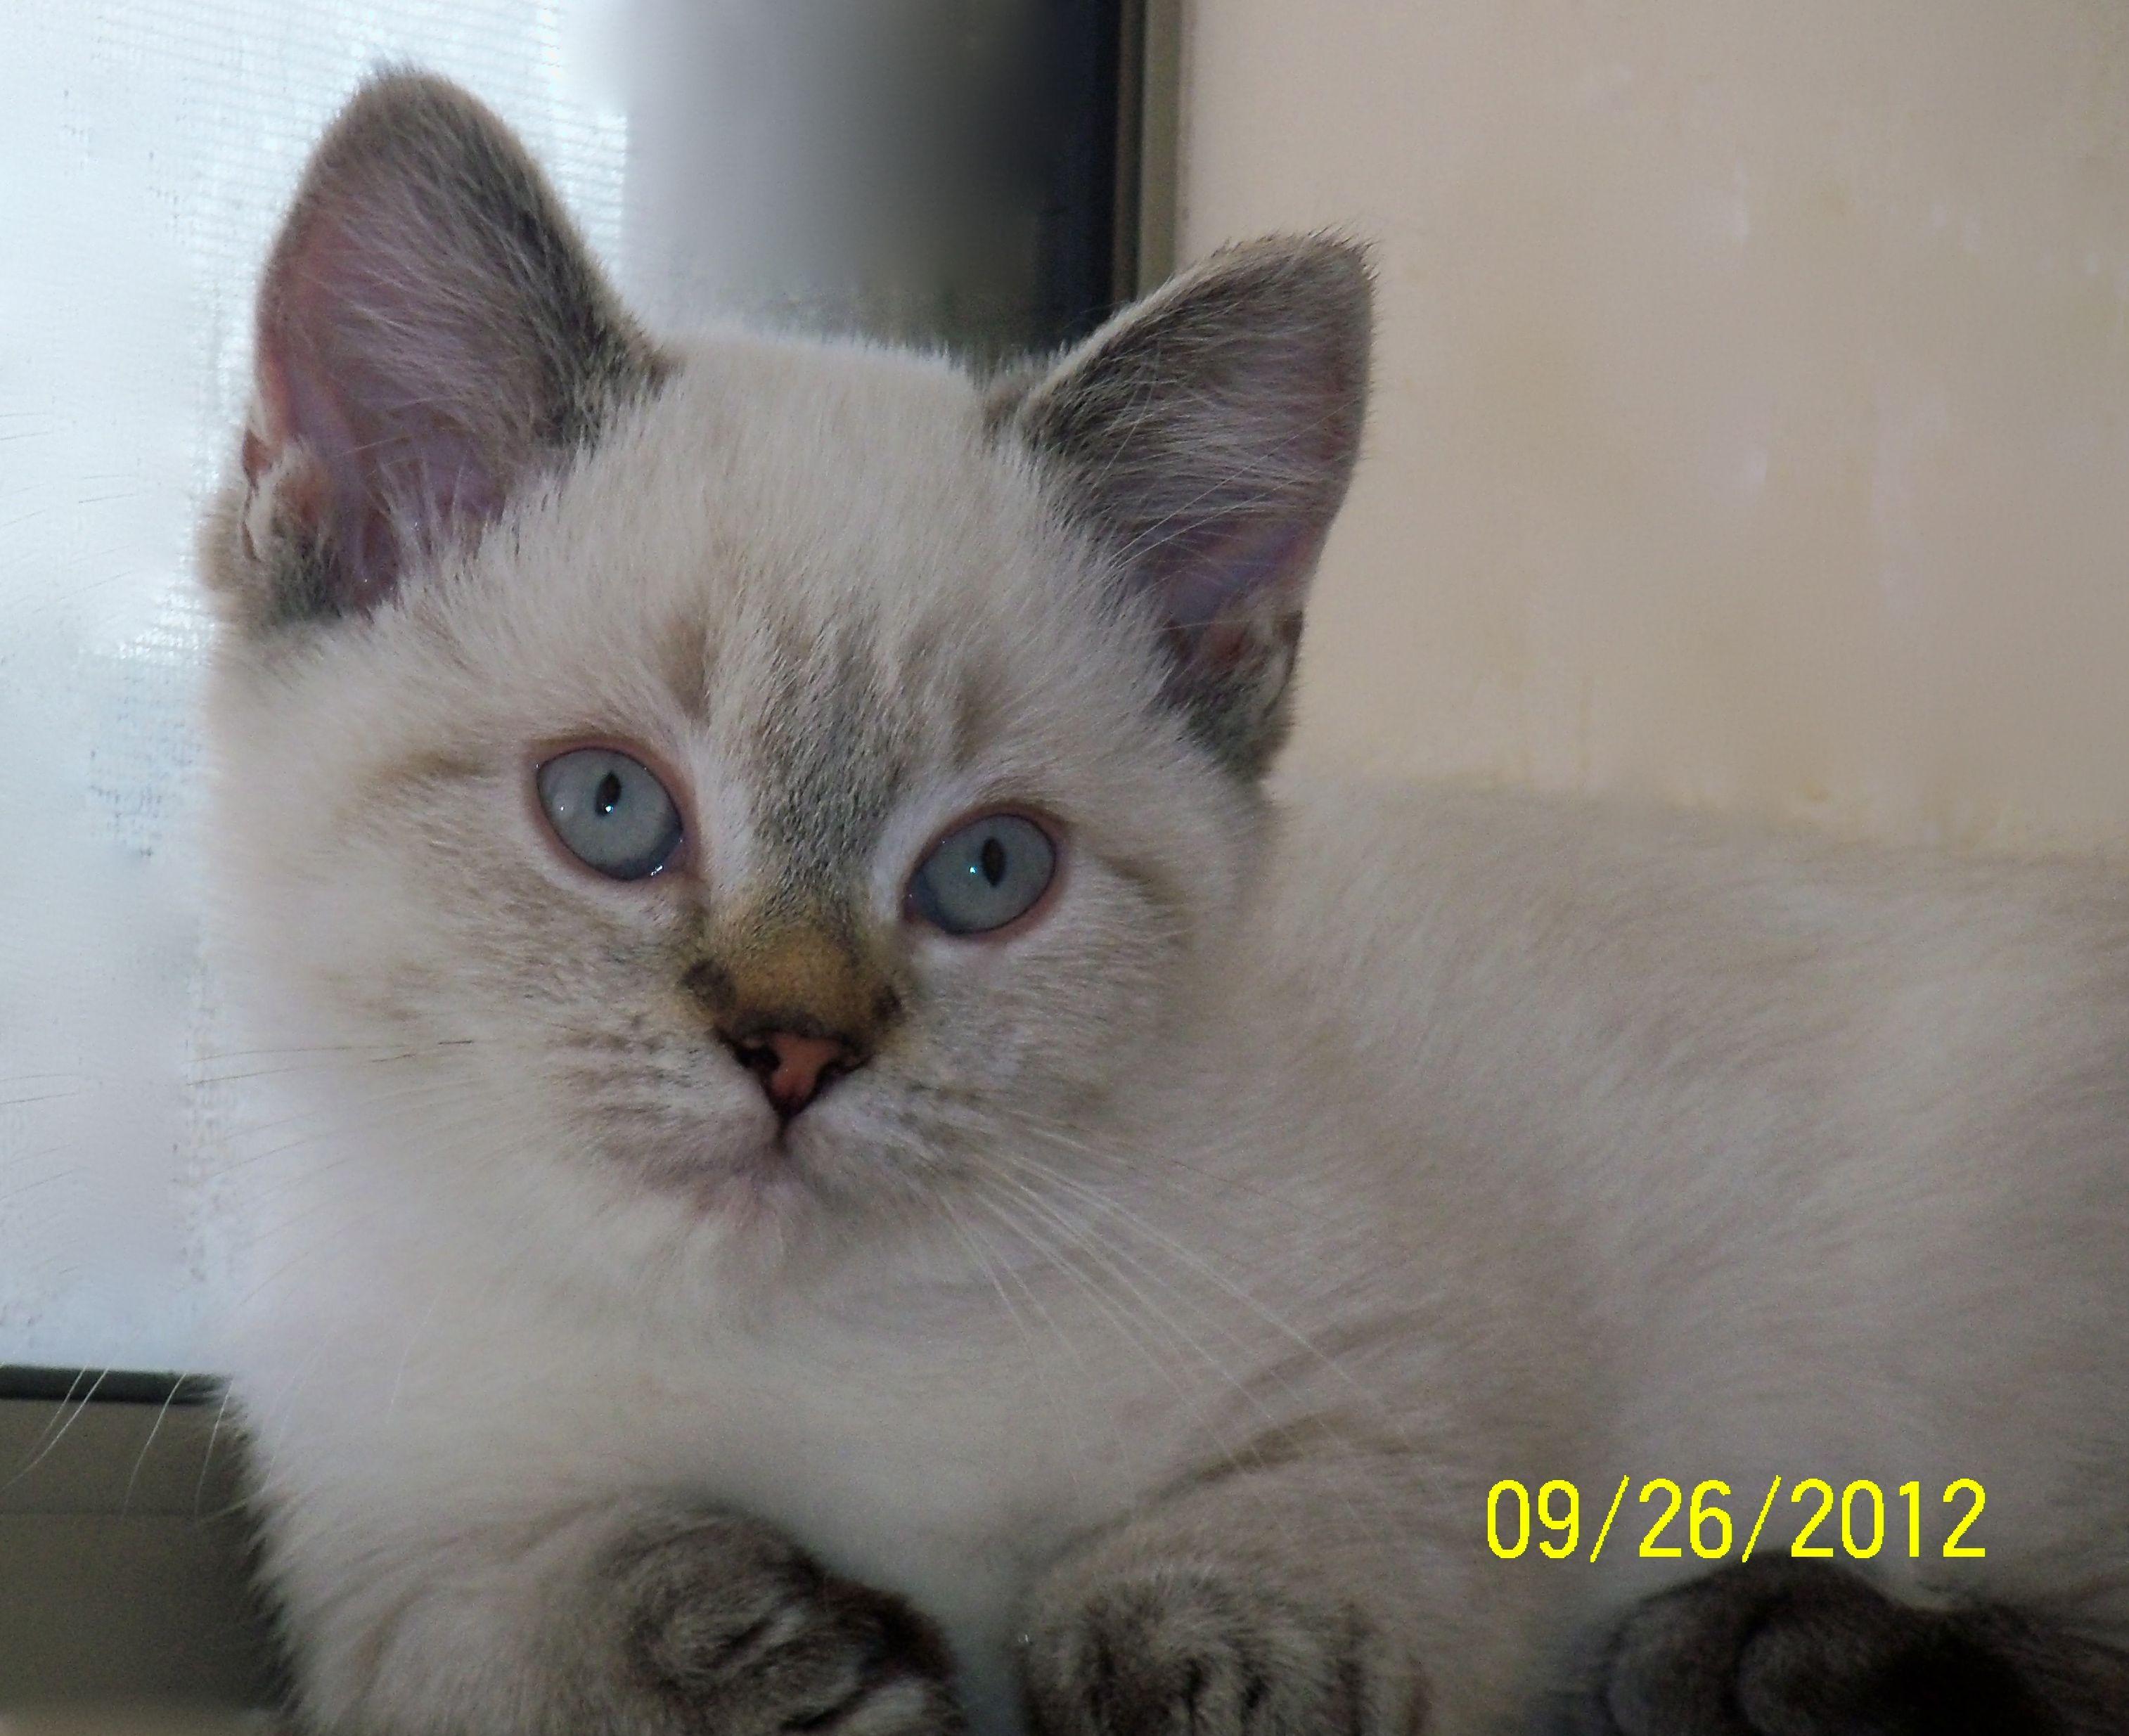 Nova - Seal Lynx Point kitten born to Willow - Standard Napoleon